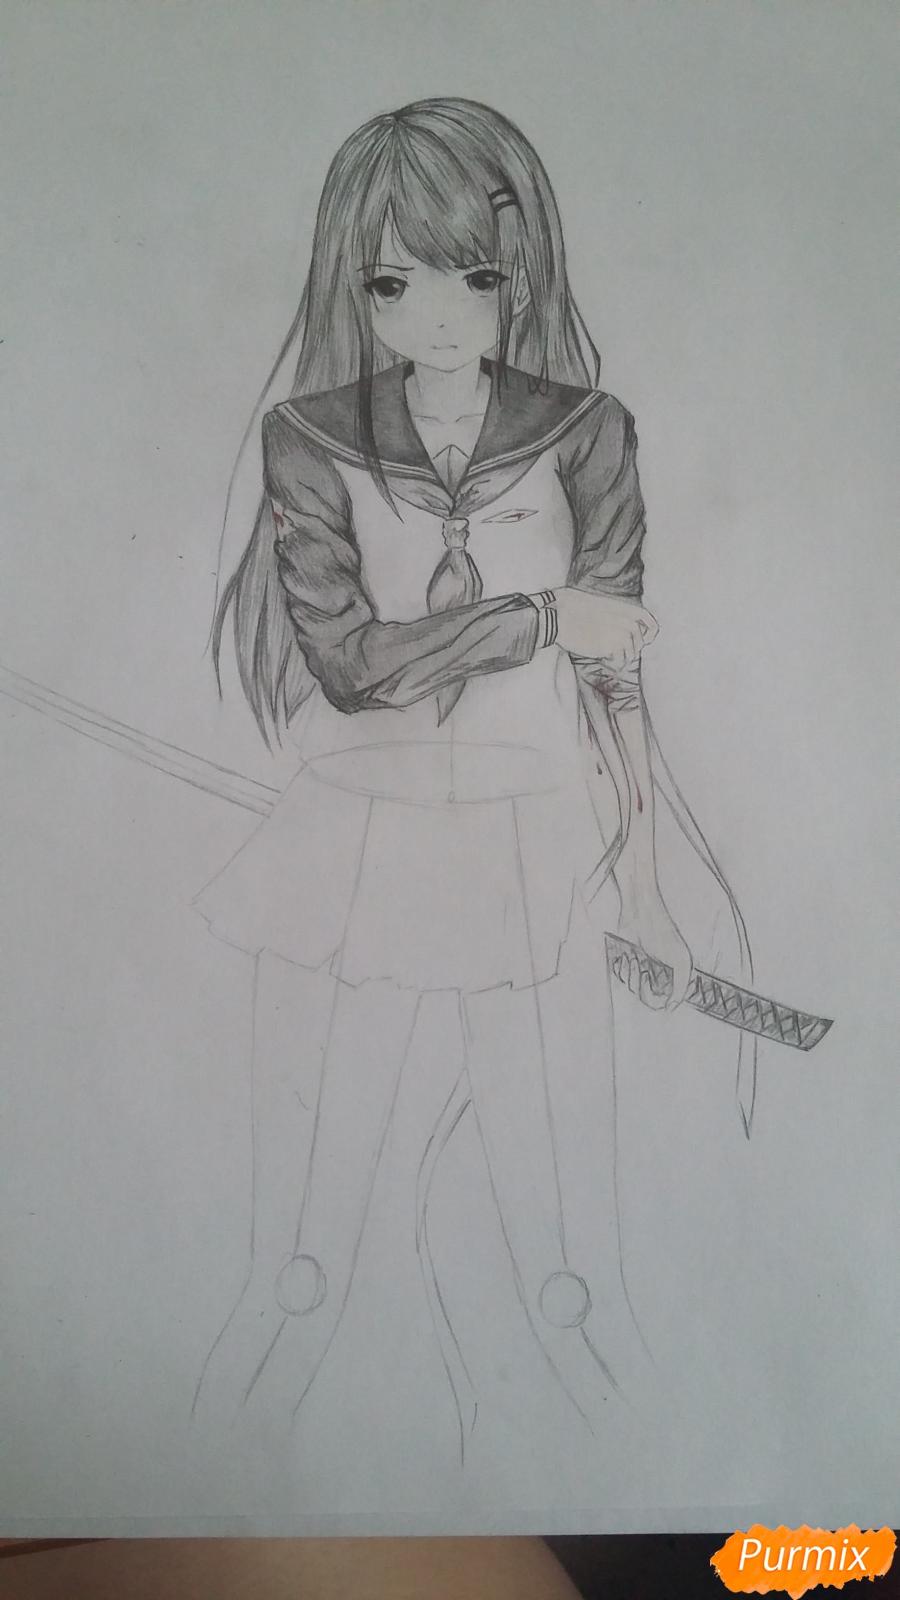 Рисуем девушку с катаной в аниме стиле - шаг 10